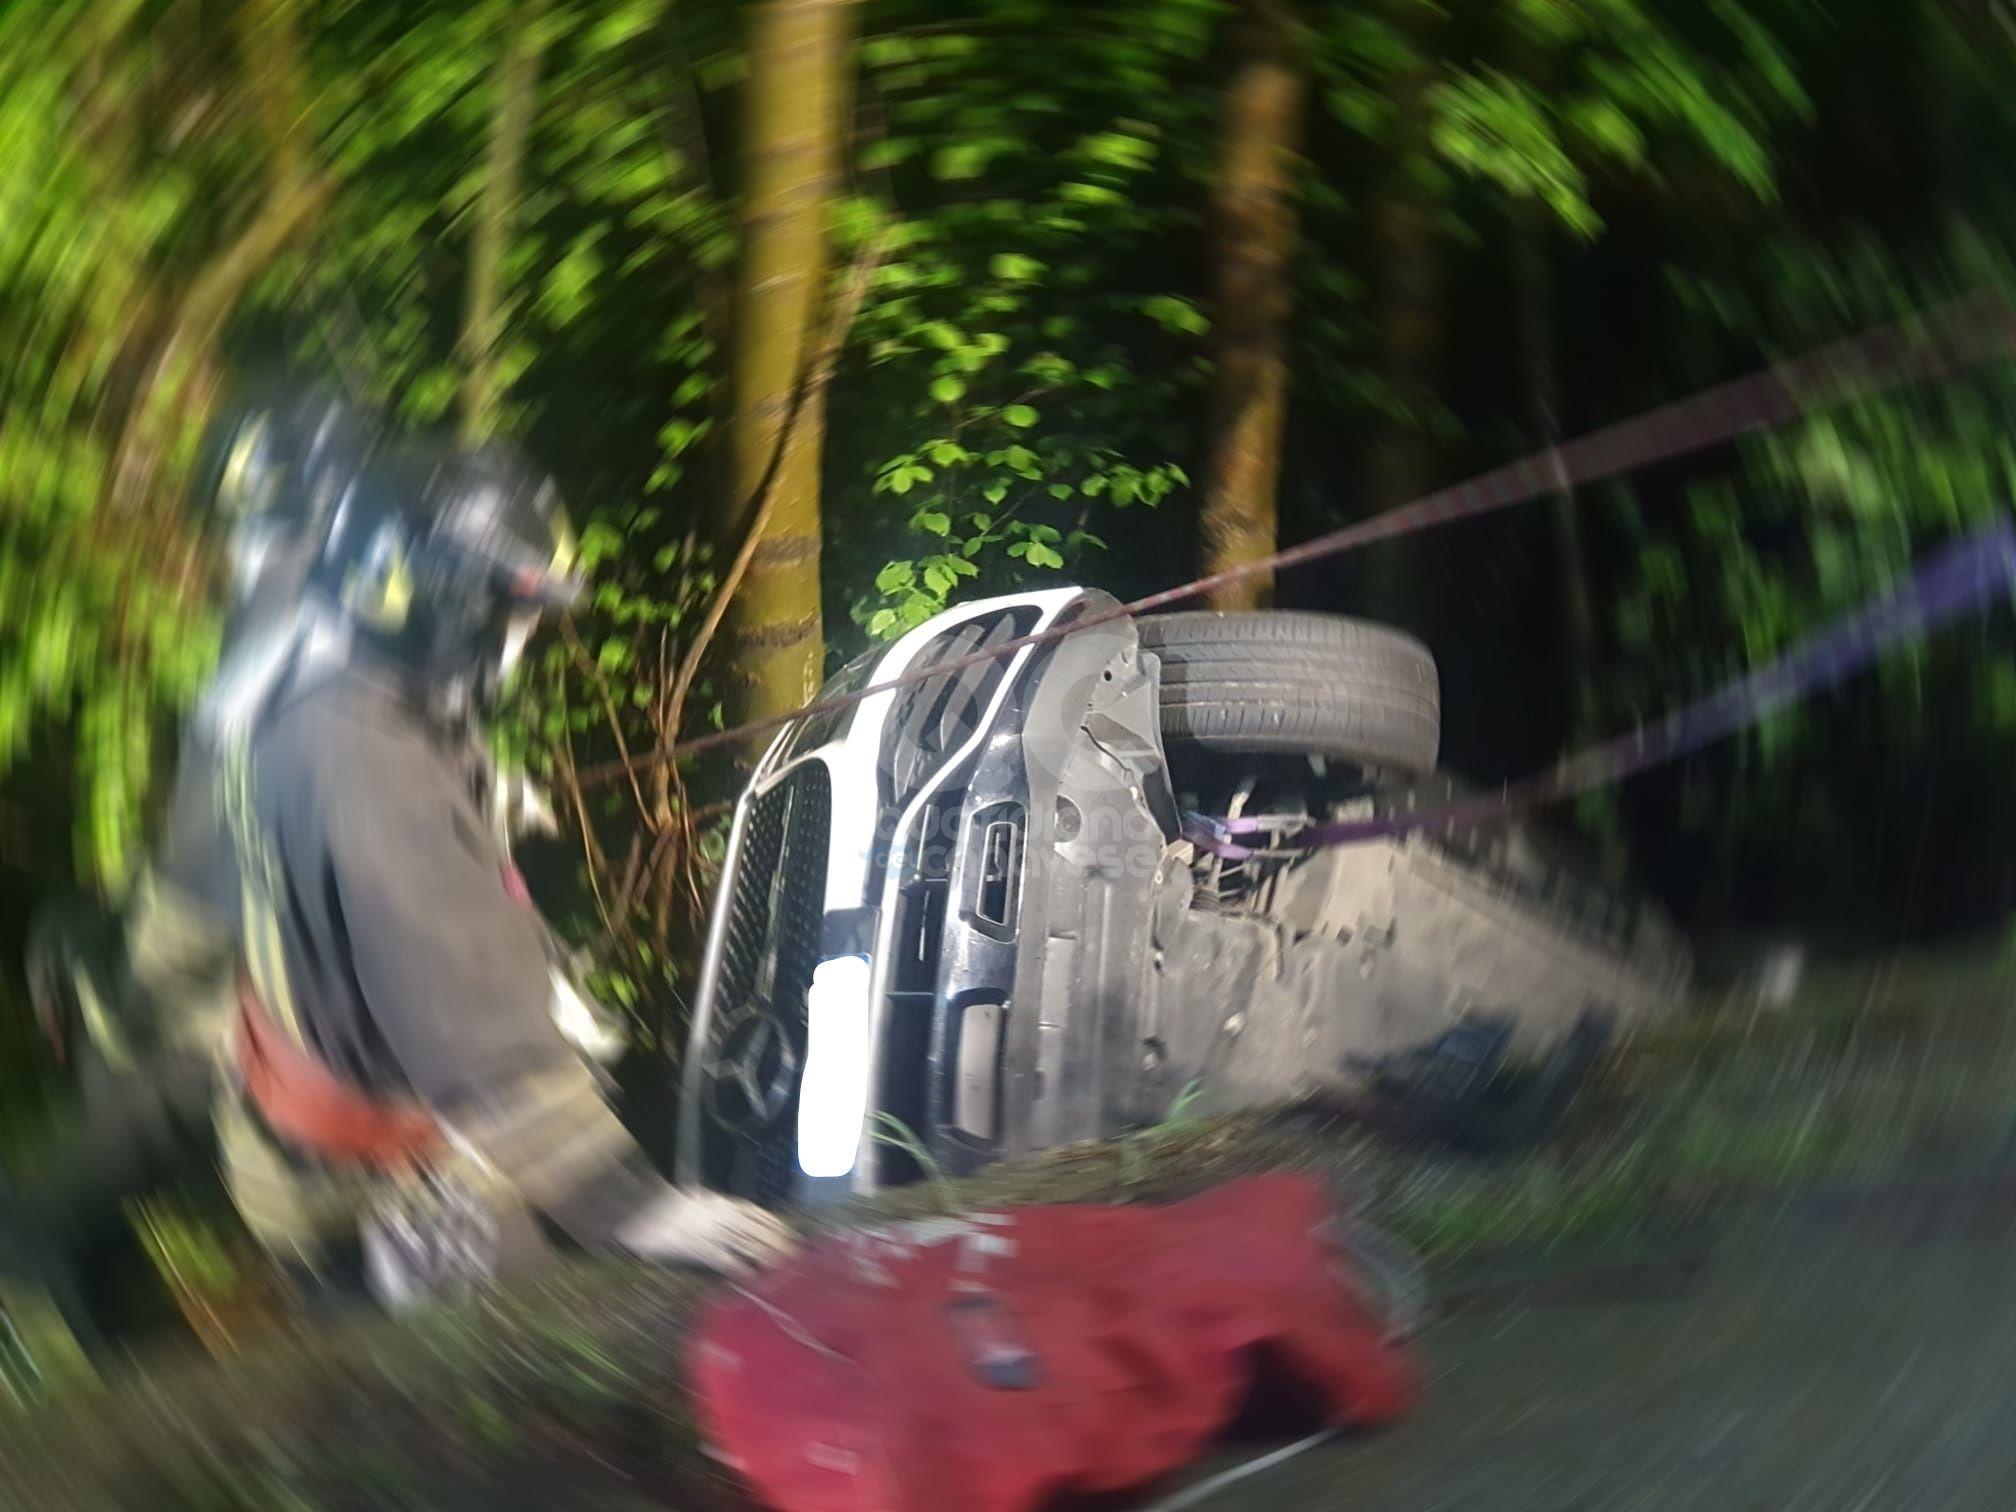 FORNO CANAVESE - Incidente stradale nella notte, intervento dei vigili del fuoco